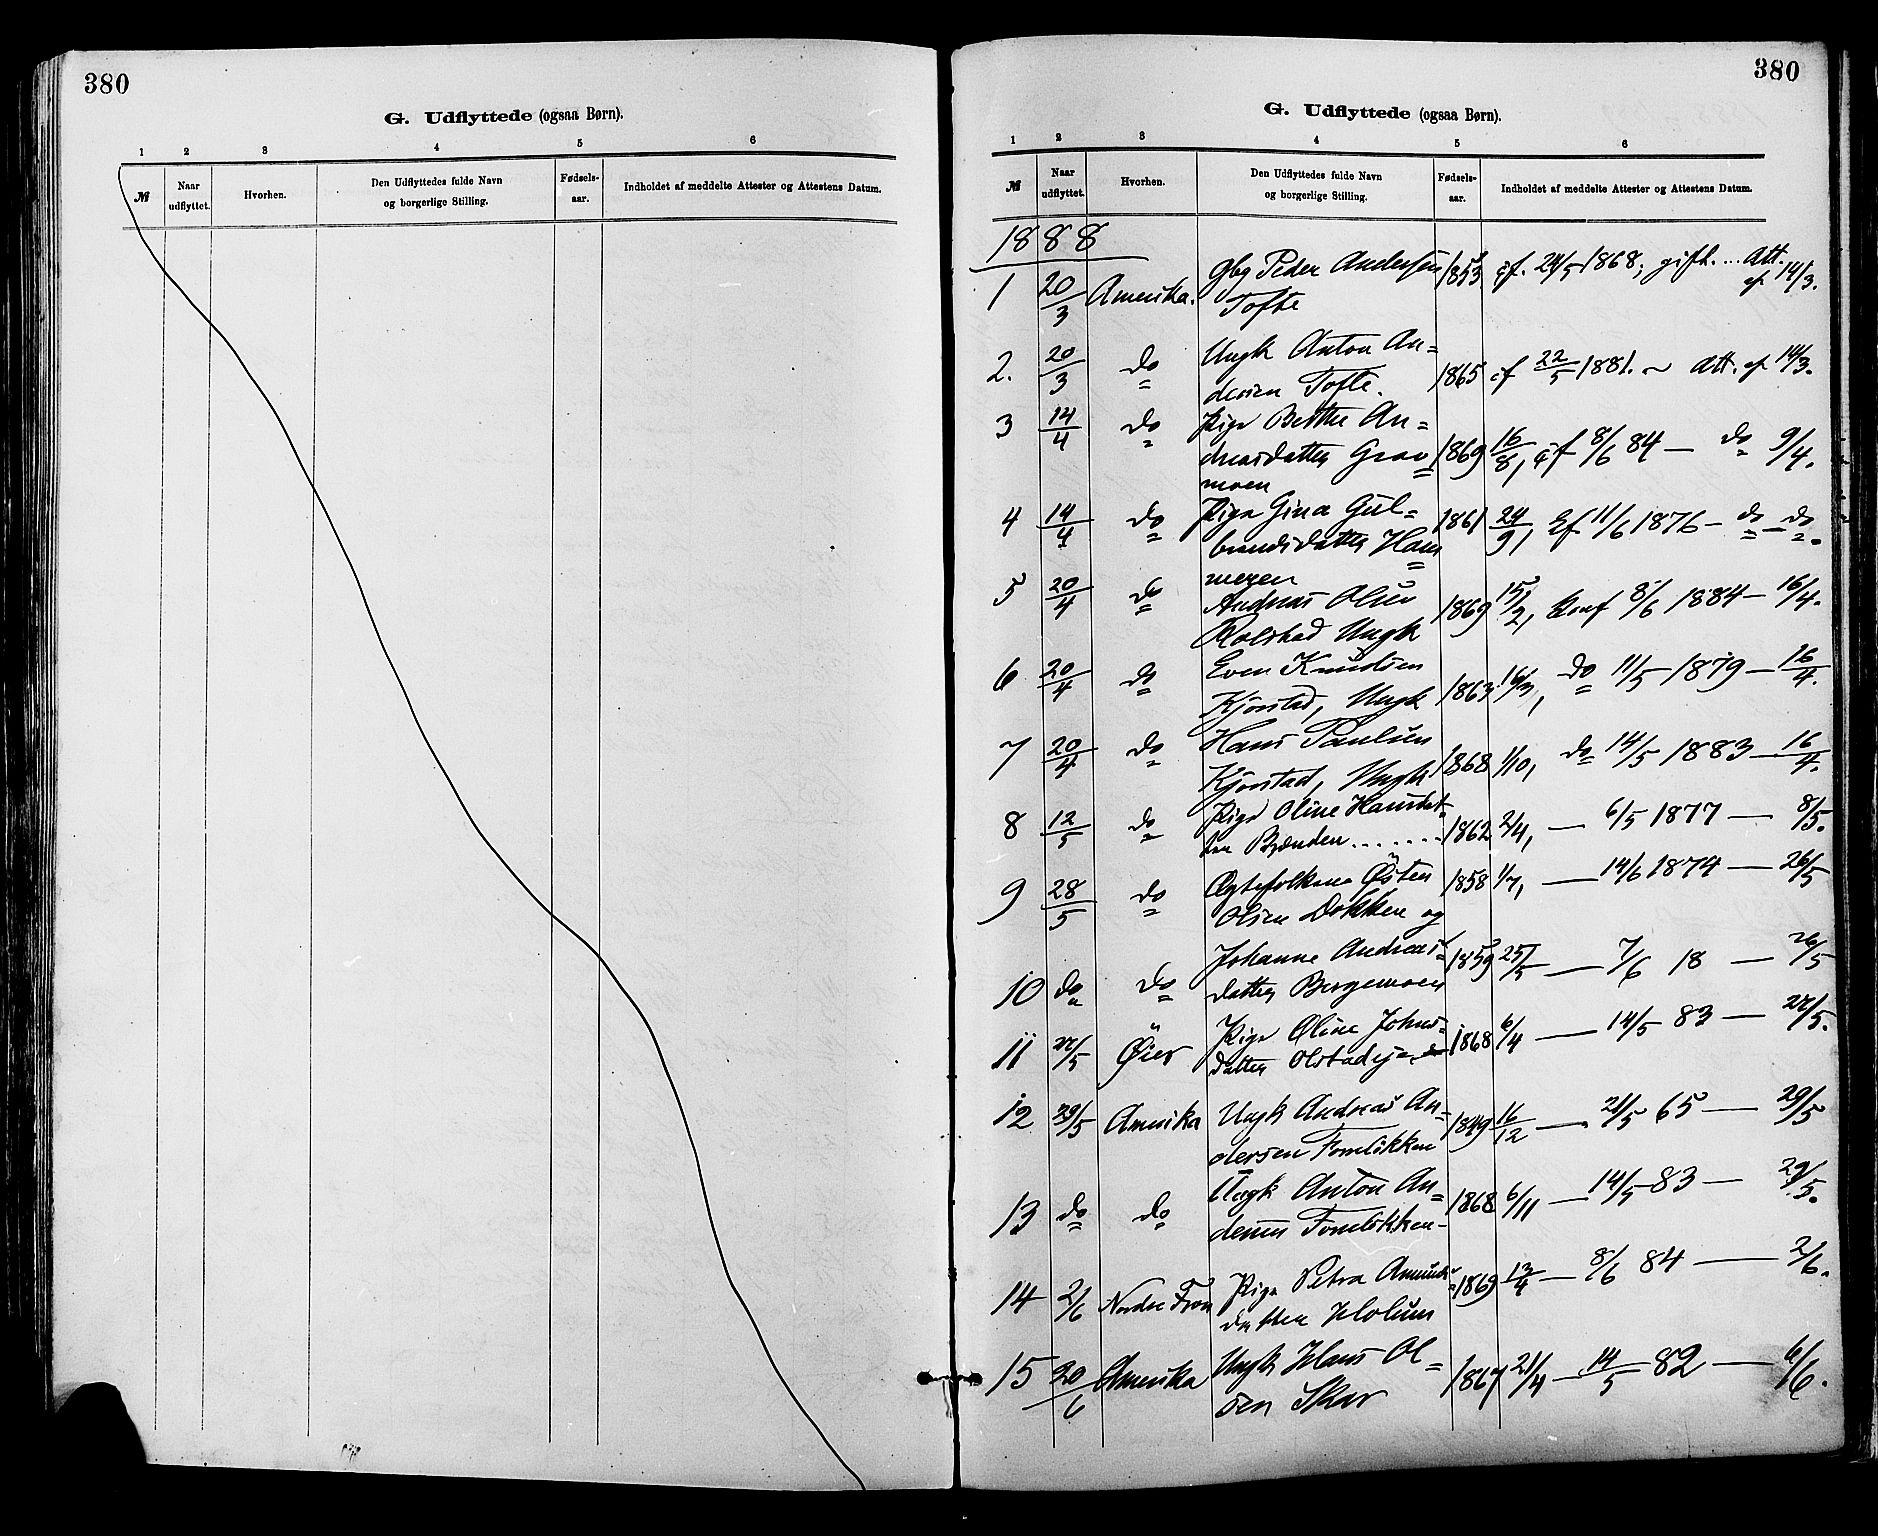 SAH, Sør-Fron prestekontor, H/Ha/Haa/L0003: Ministerialbok nr. 3, 1881-1897, s. 380